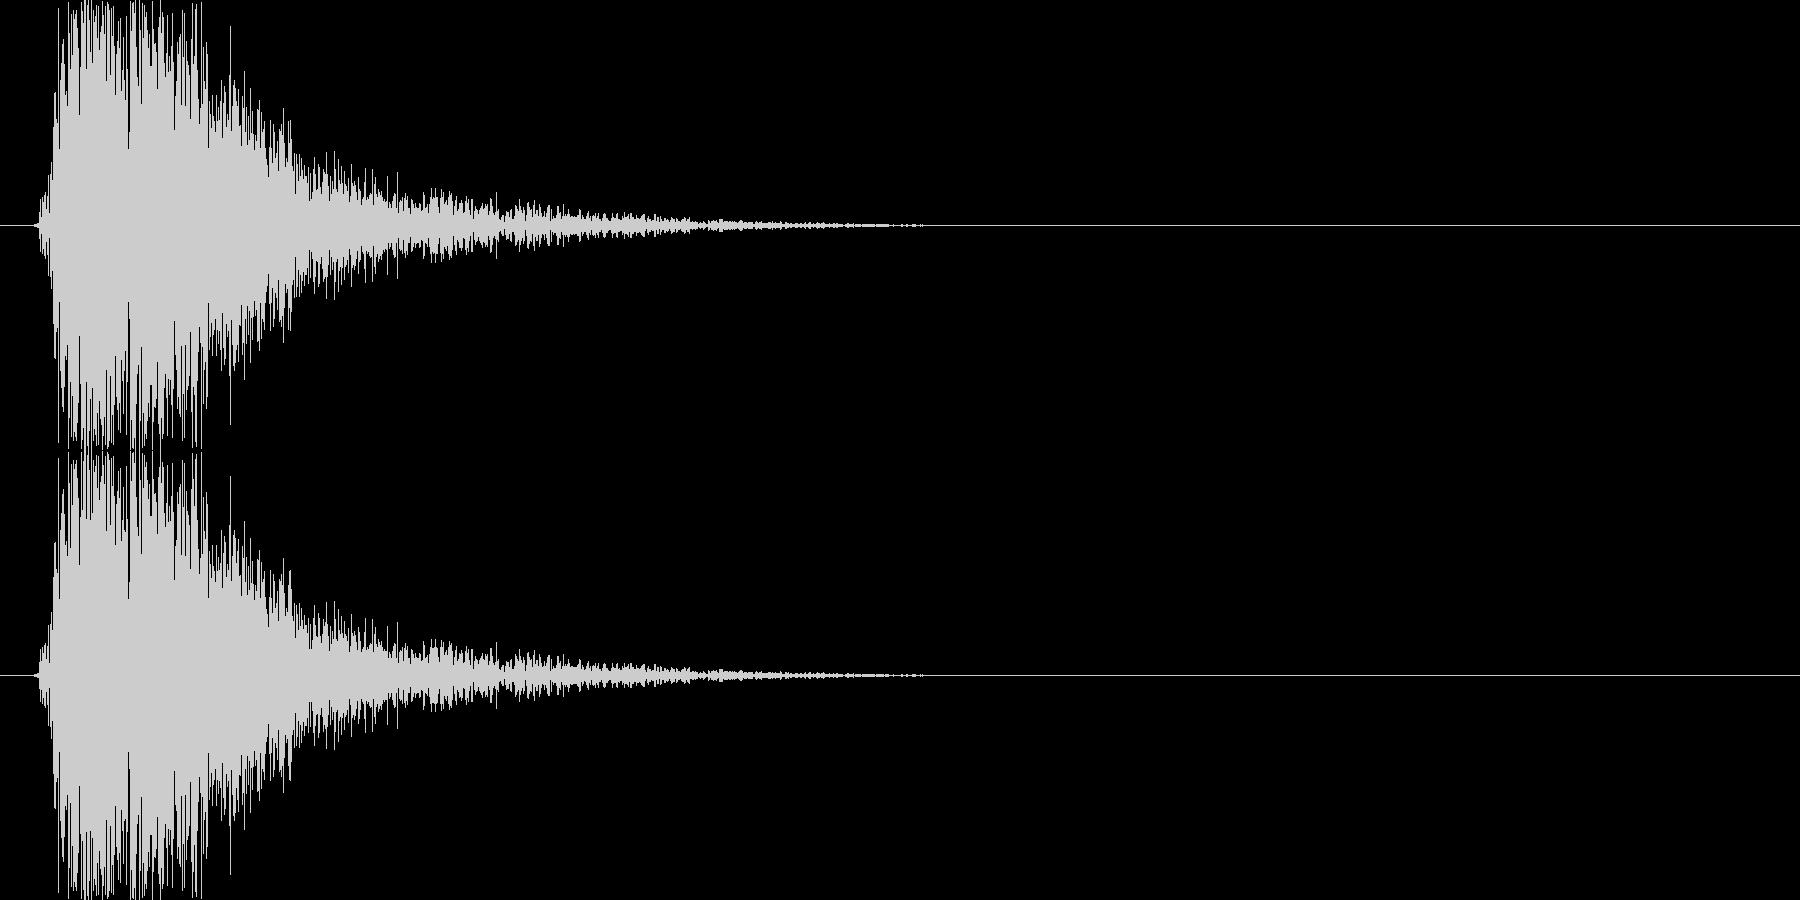 シュヨヨヨヨッ(ショット音、弱め)の未再生の波形